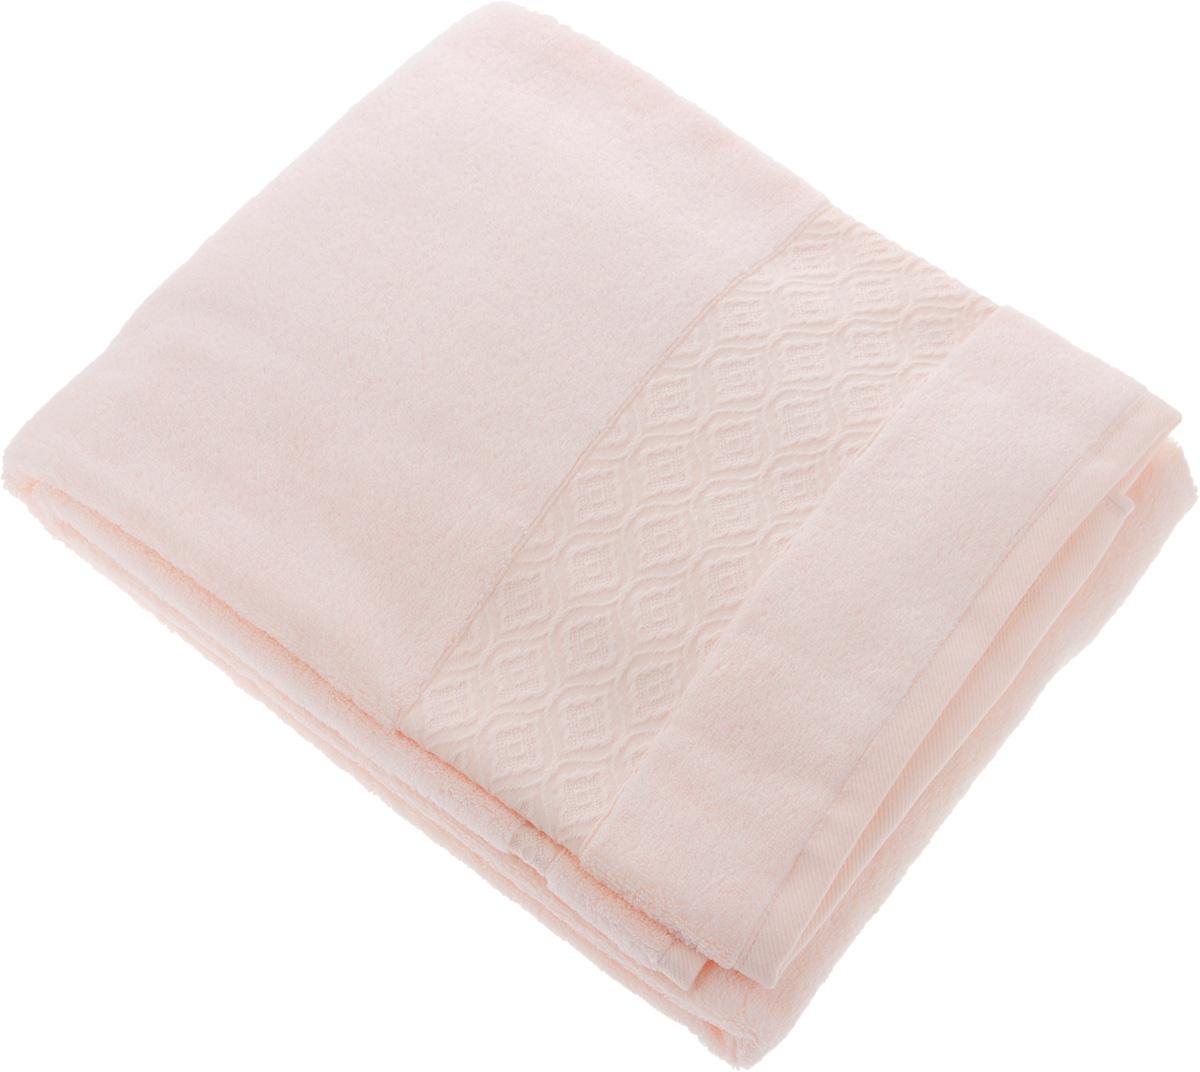 Полотенце Issimo Home Delphine, цвет: розовый, 90 x 150 см4709Полотенце Issimo Home Delphine выполнено из модала и хлопка. Такое полотенце обладает уникальными свойствами и характеристиками. Необычайная мягкость модала и шелковистый блеск делают изделие приятными на ощупь и практичными в использовании. Моментально впитывает влагу, сохраняет невесомость даже в мокром виде, быстро сохнет. Полотенце декорировано жаккардовым узором.